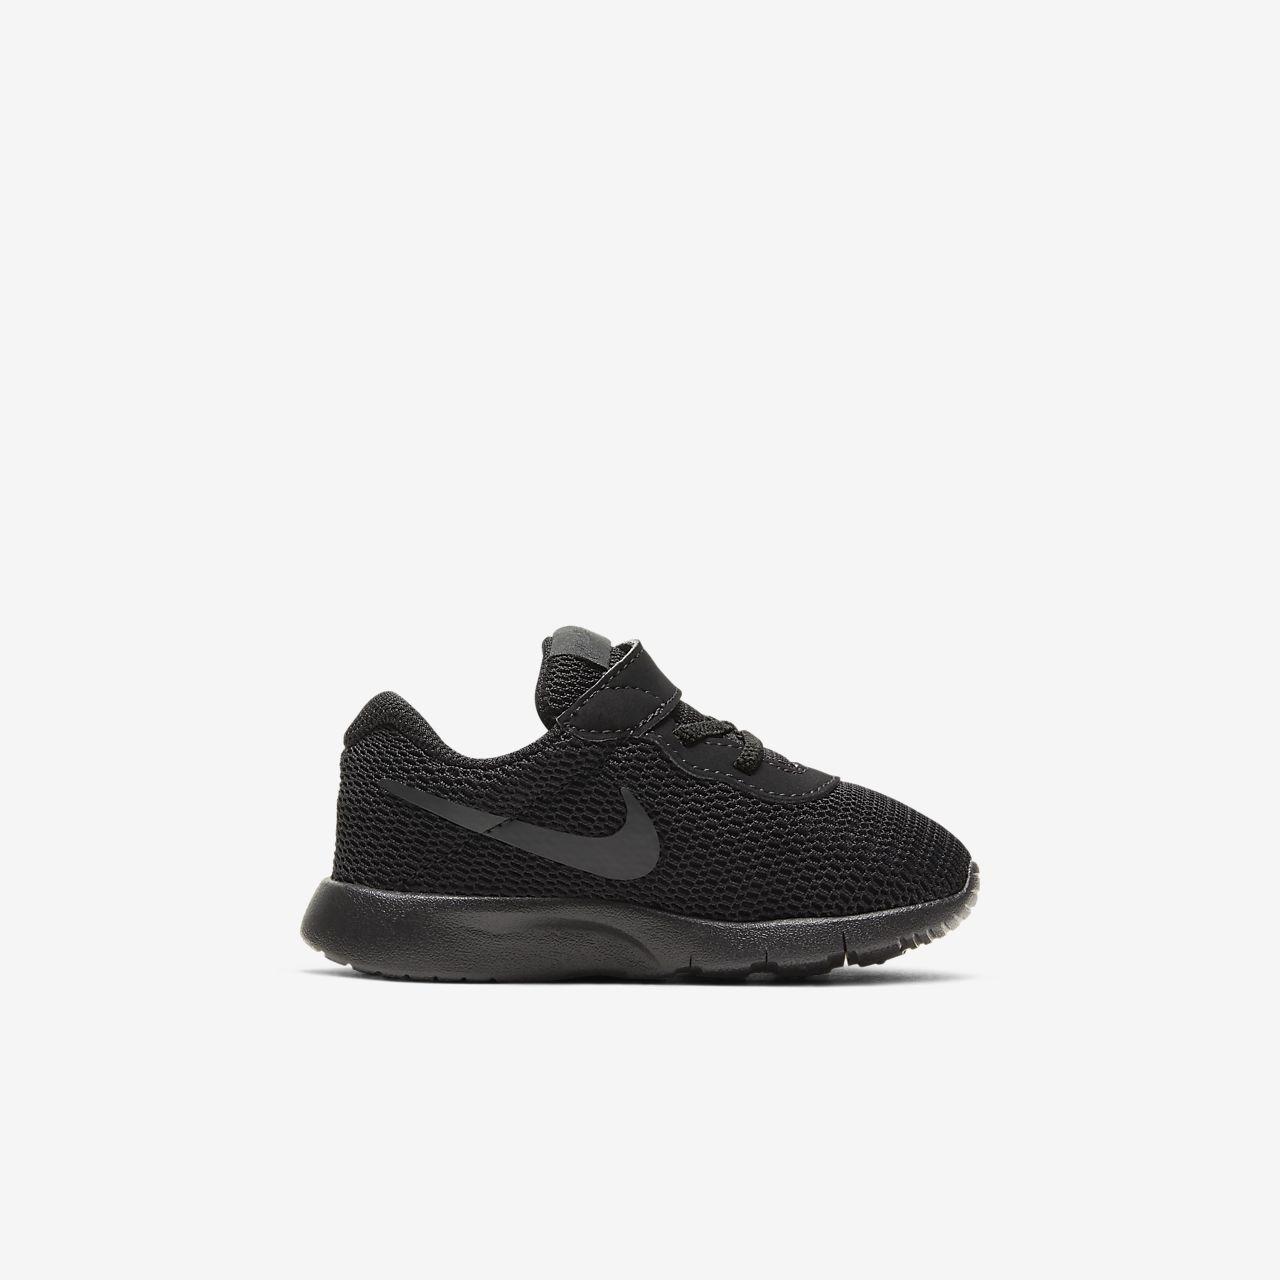 Nike Tanjun Schuh für Kleinkinder (17 0ih9G0xz